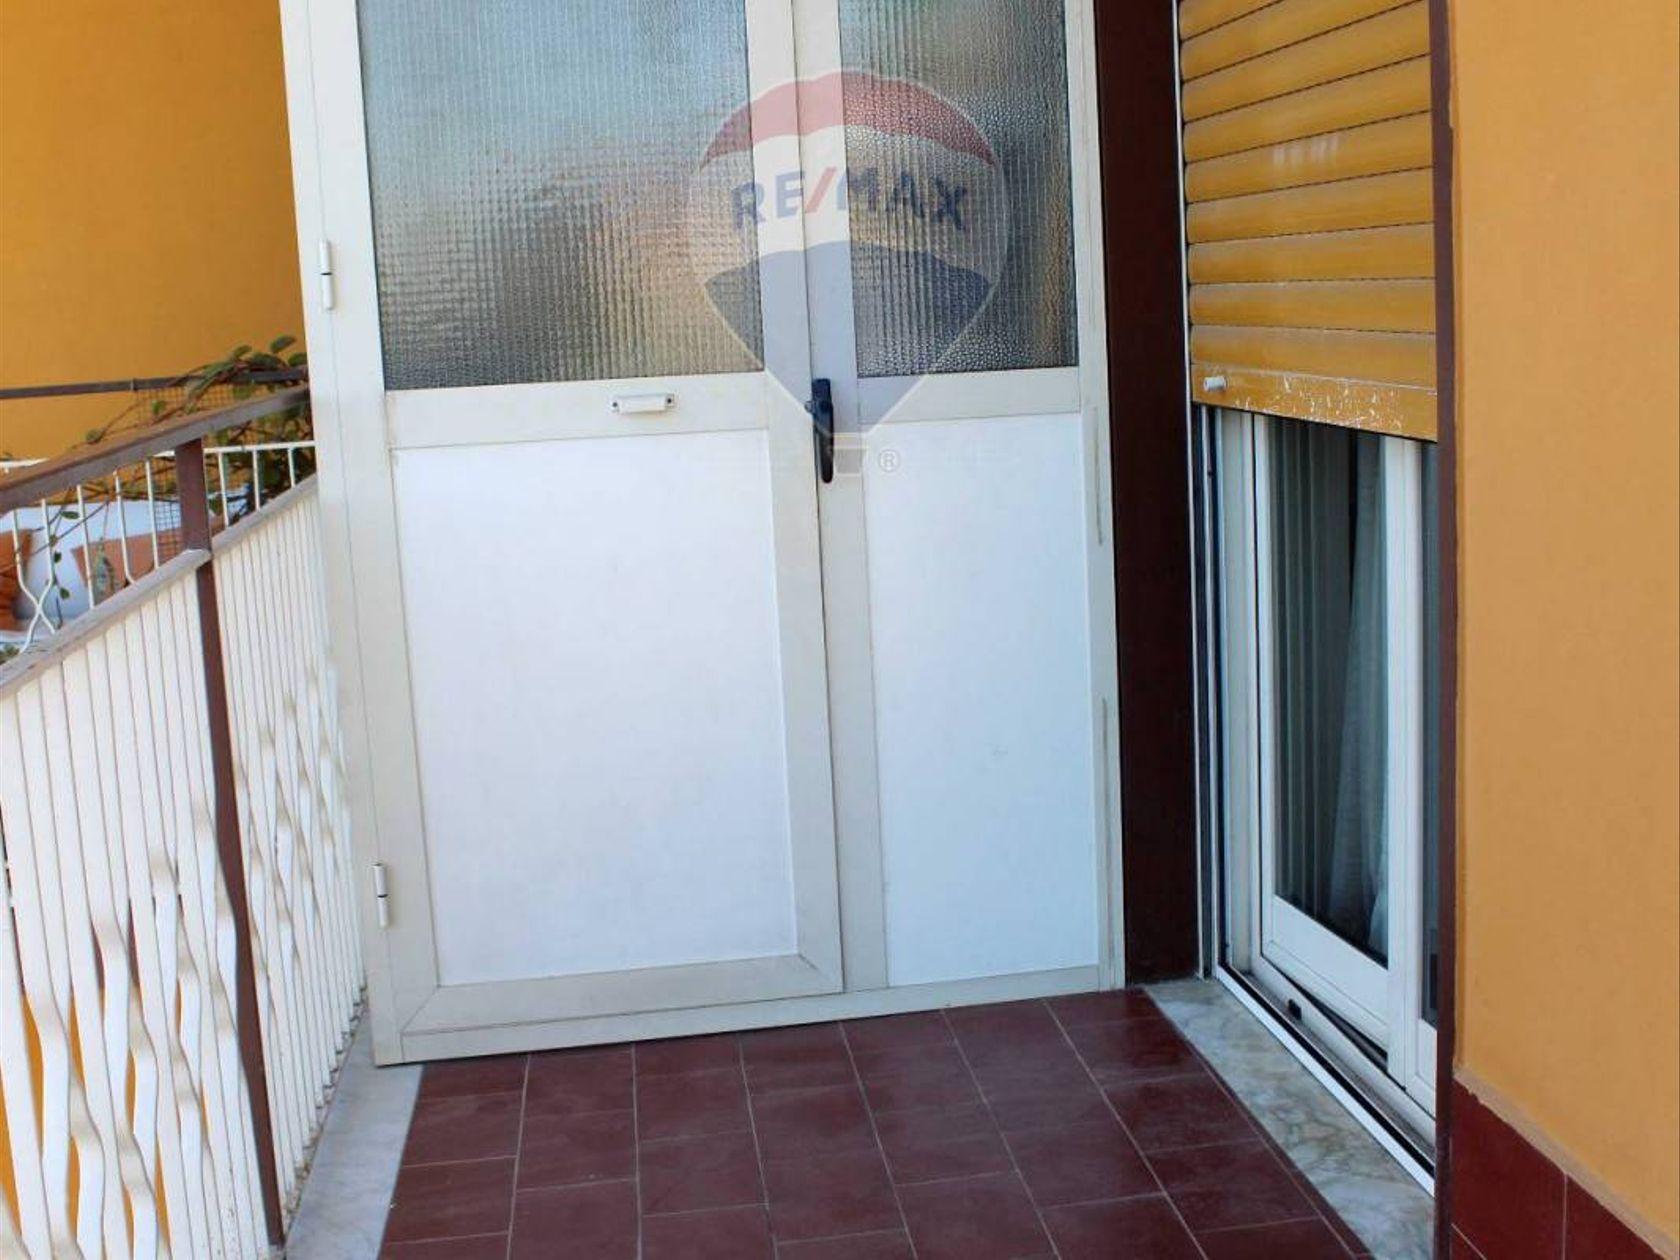 Appartamento Catania-san Leone,palermo,nesima,palestro, Catania, CT Vendita - Foto 24